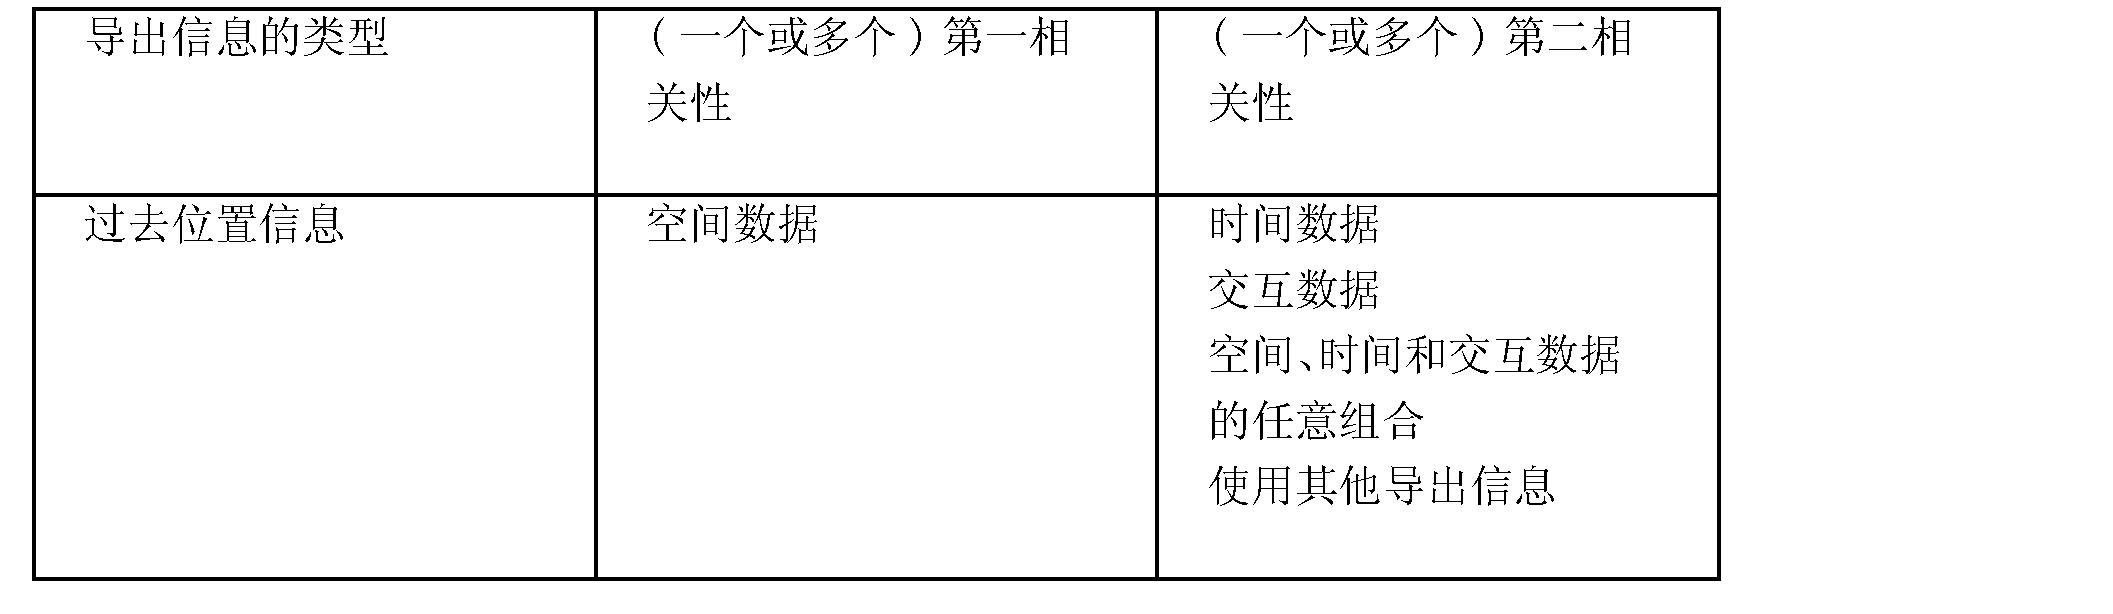 Figure CN101542923BD00151